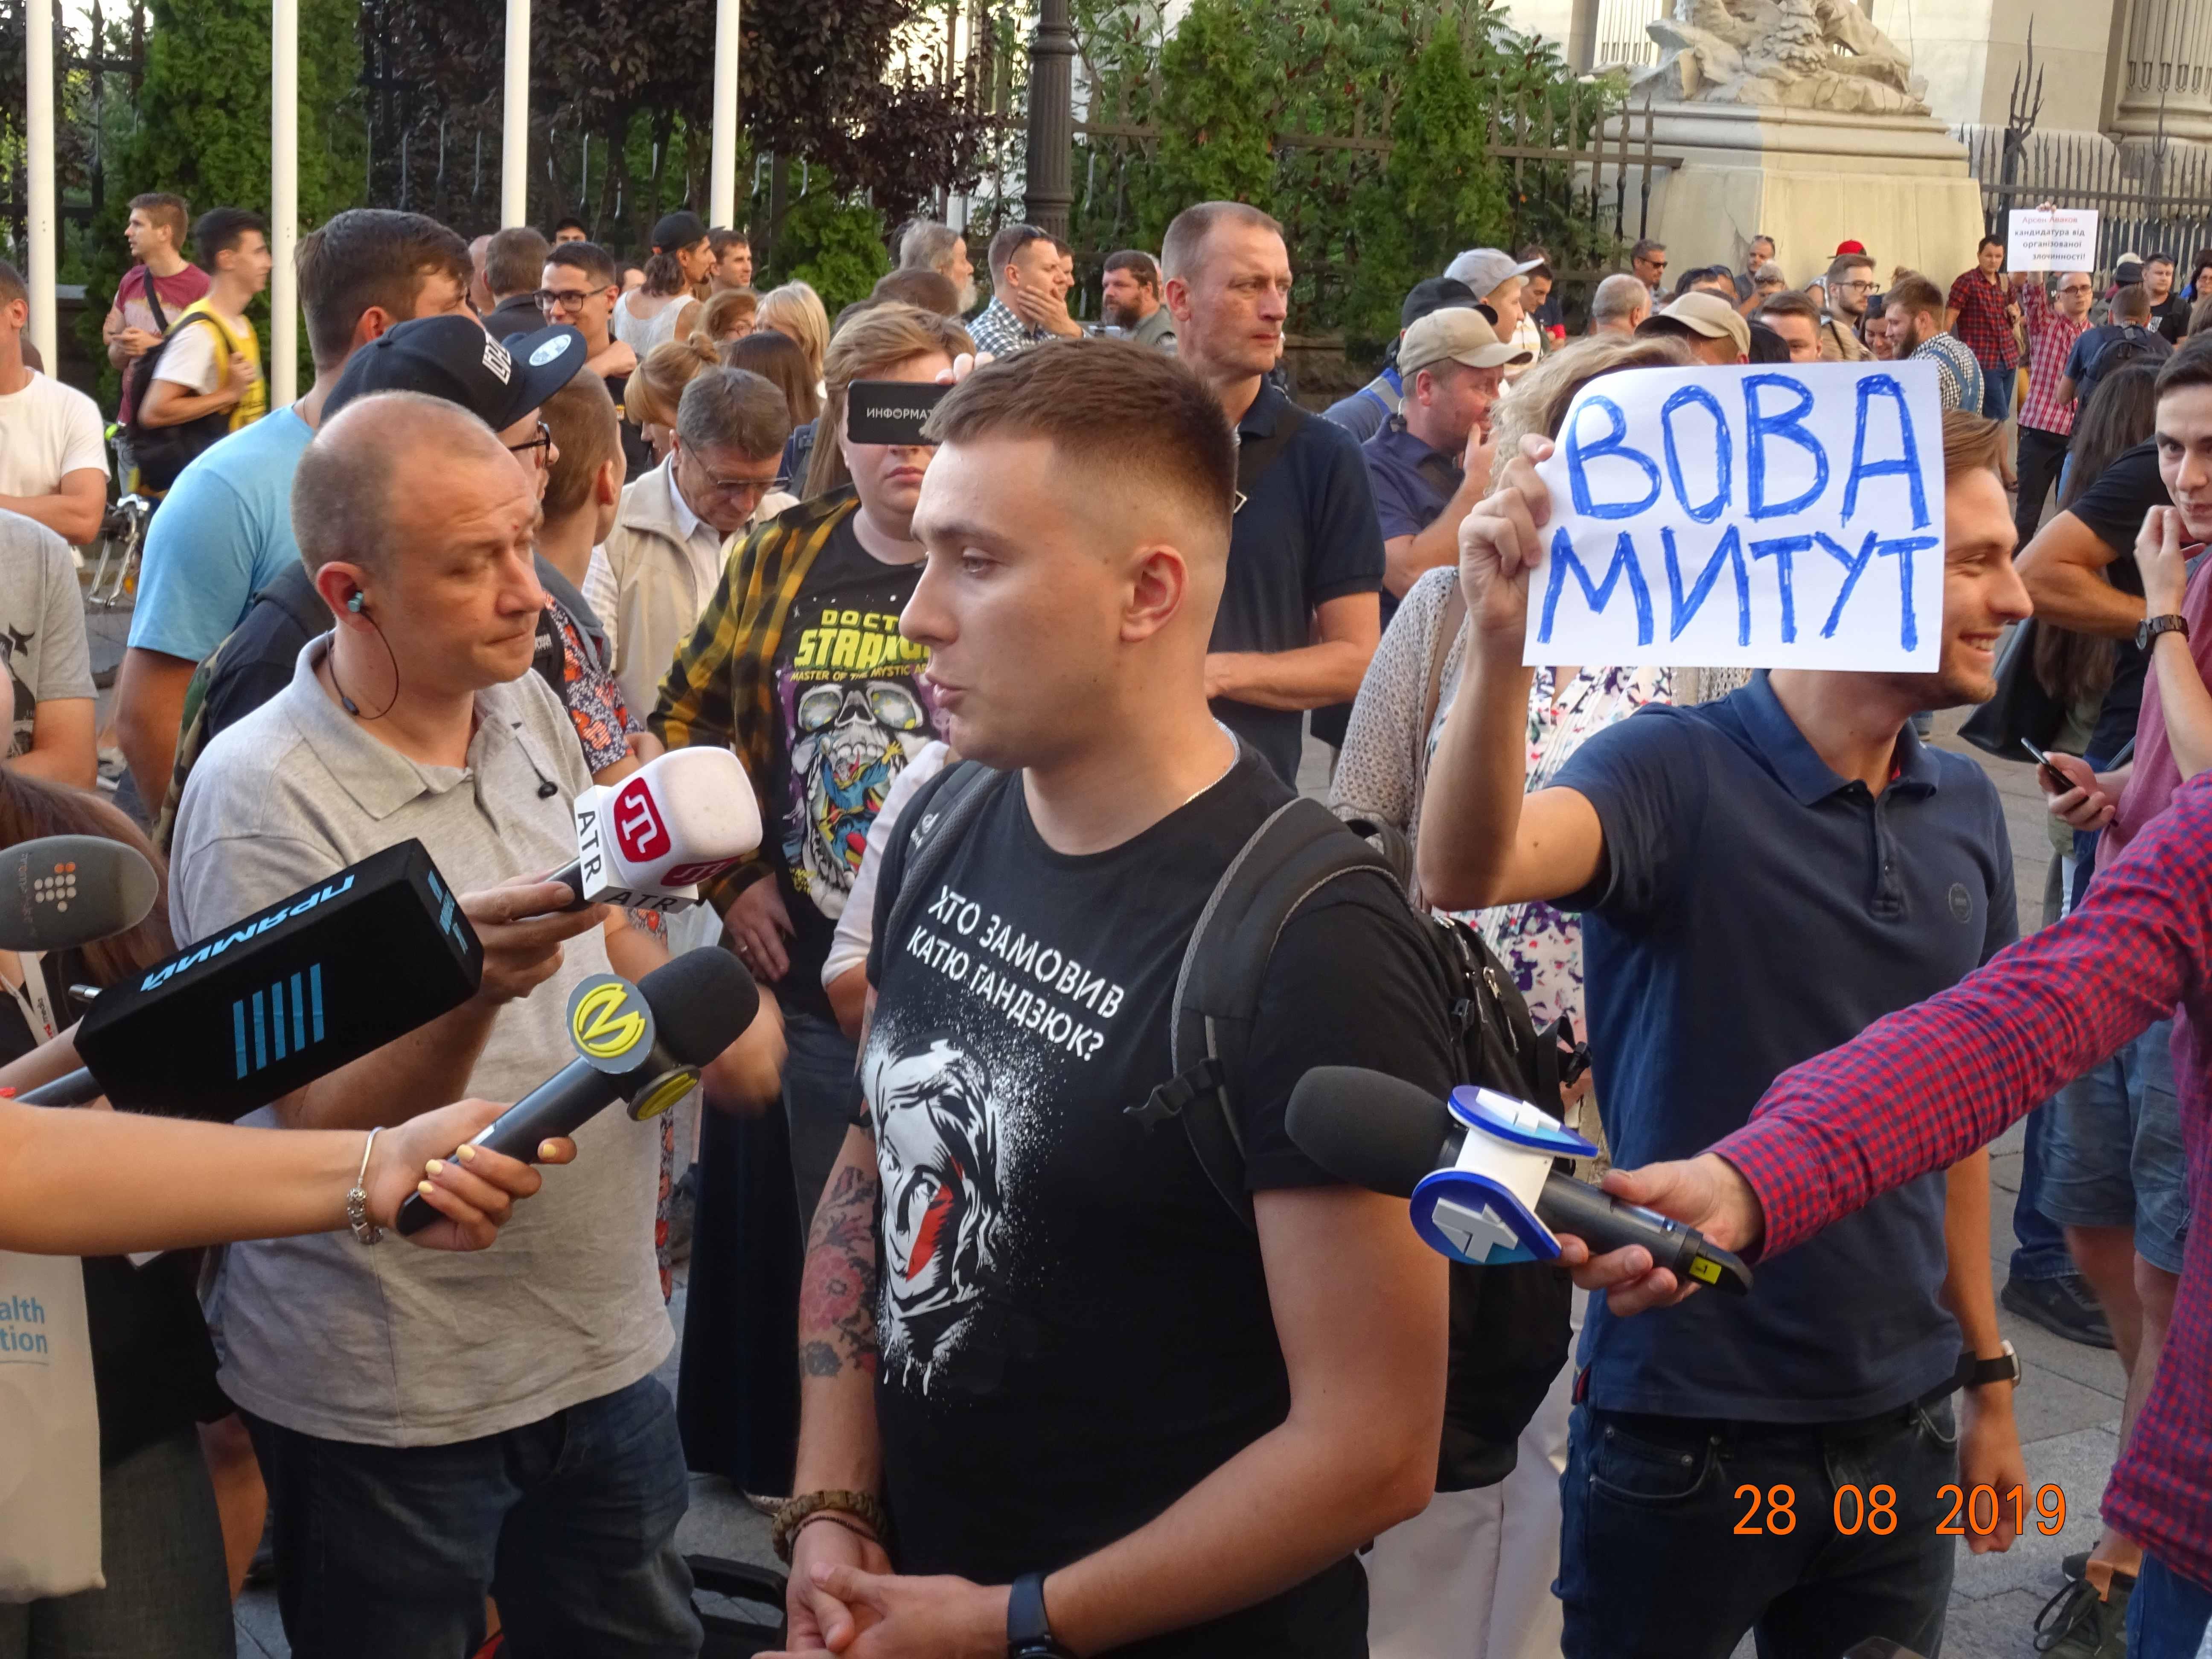 Avakov-Chort-Devil - Avakov-Chort-Devil-image001.jpg